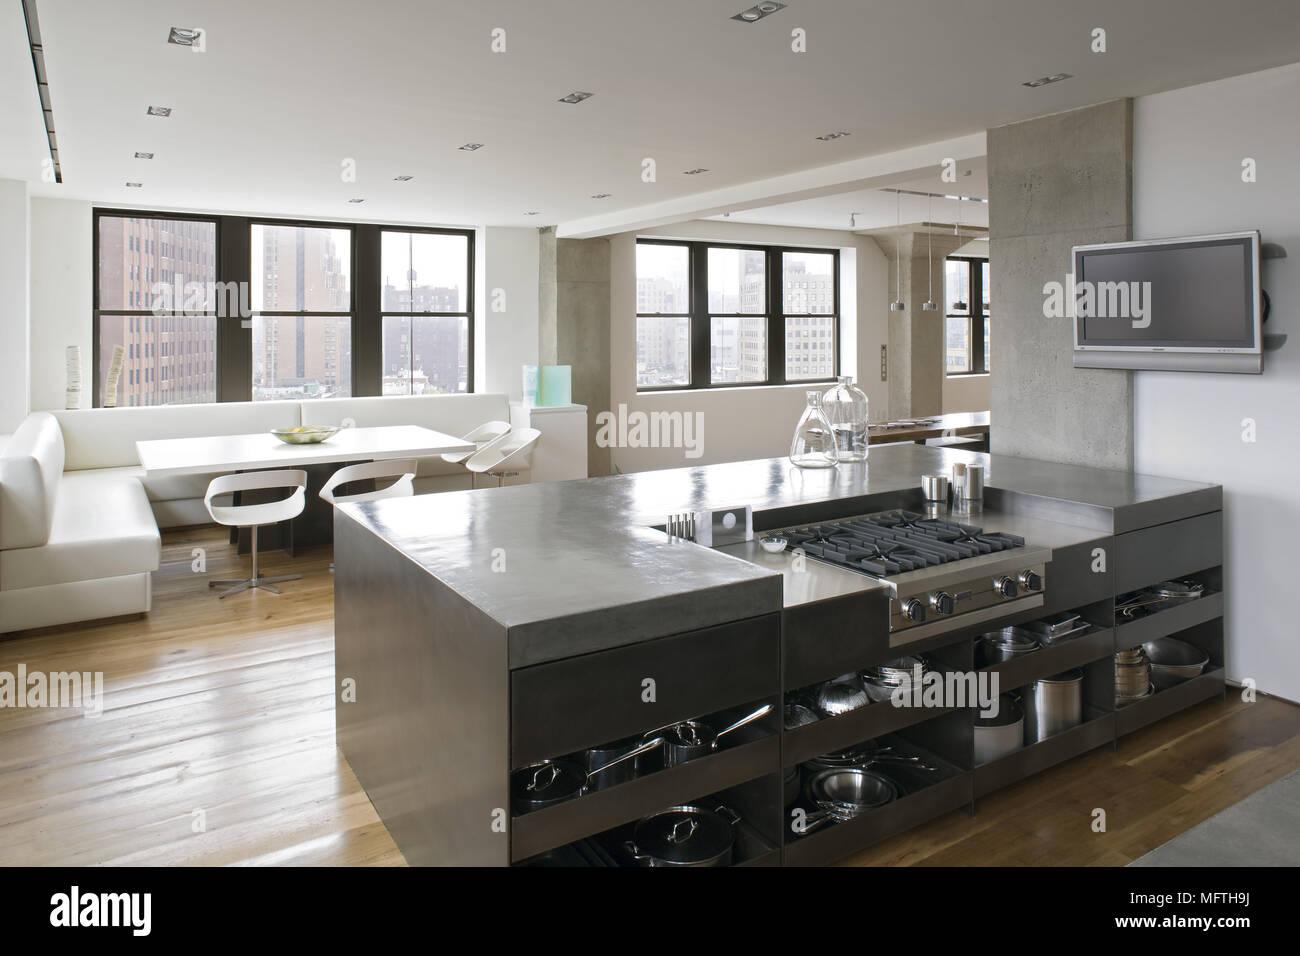 Herd in moderne offene Küche mit Essbereich Stockfoto, Bild ...